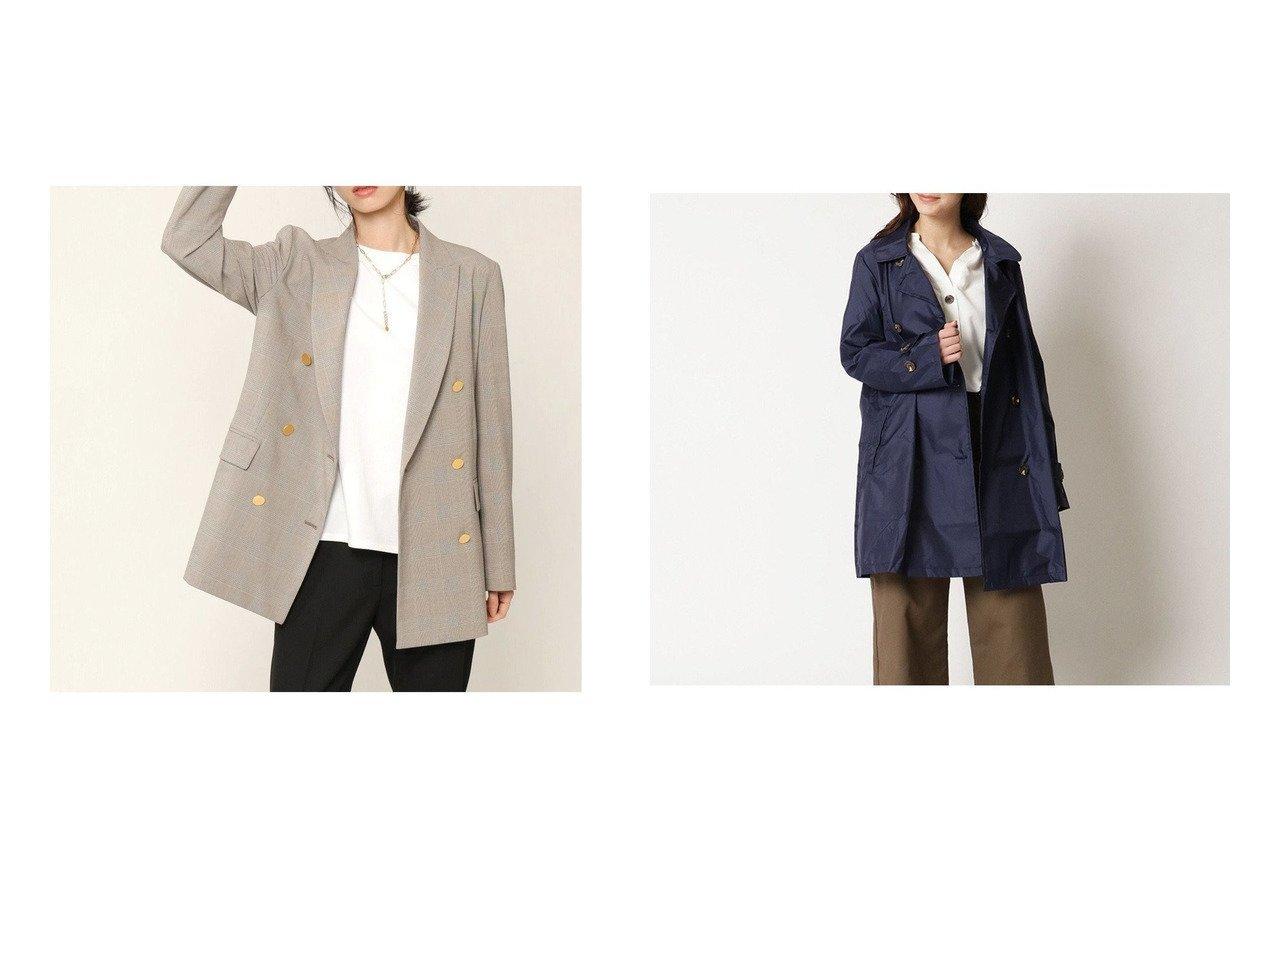 【Y'SACCS/イザック】のレインコート スタンダードタイプ&【KASHIYAMA EASY/カシヤマ イージー】の【受注生産】2Wayパワーストレッチ グレンチェック ダブルジャケット 【アウター】おすすめ!人気、トレンド・レディースファッションの通販 おすすめで人気の流行・トレンド、ファッションの通販商品 インテリア・家具・メンズファッション・キッズファッション・レディースファッション・服の通販 founy(ファニー) https://founy.com/ ファッション Fashion レディースファッション WOMEN アウター Coat Outerwear コート Coats ポンチョ Ponchos ジャケット Jackets テーラードジャケット Tailored Jackets 送料無料 Free Shipping コンパクト スタンダード ポンチョ ポーチ 無地 羽織 シンプル ジャケット ジャージー ストレッチ スーツ セットアップ ダブル チェック デニム トレンド ドレス フォルム ボトム おすすめ Recommend |ID:crp329100000061566